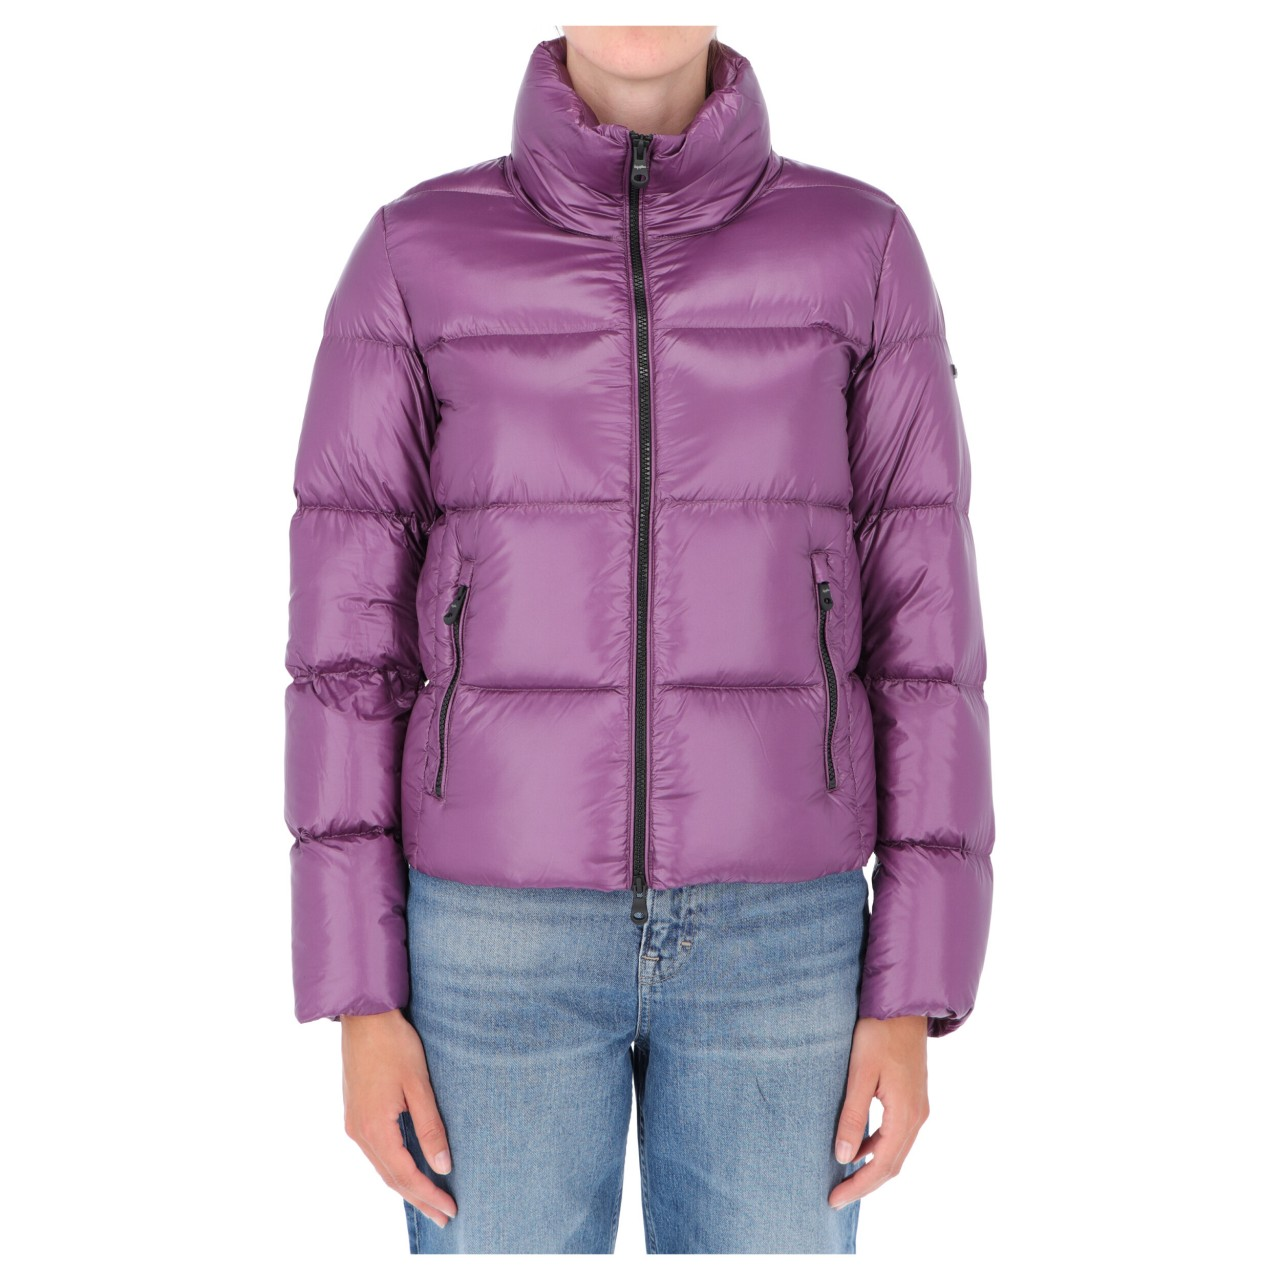 Refrigiwear Donna Piumino Refrigiwear Donna Ellis Piumino Collo Alto ELLISQ